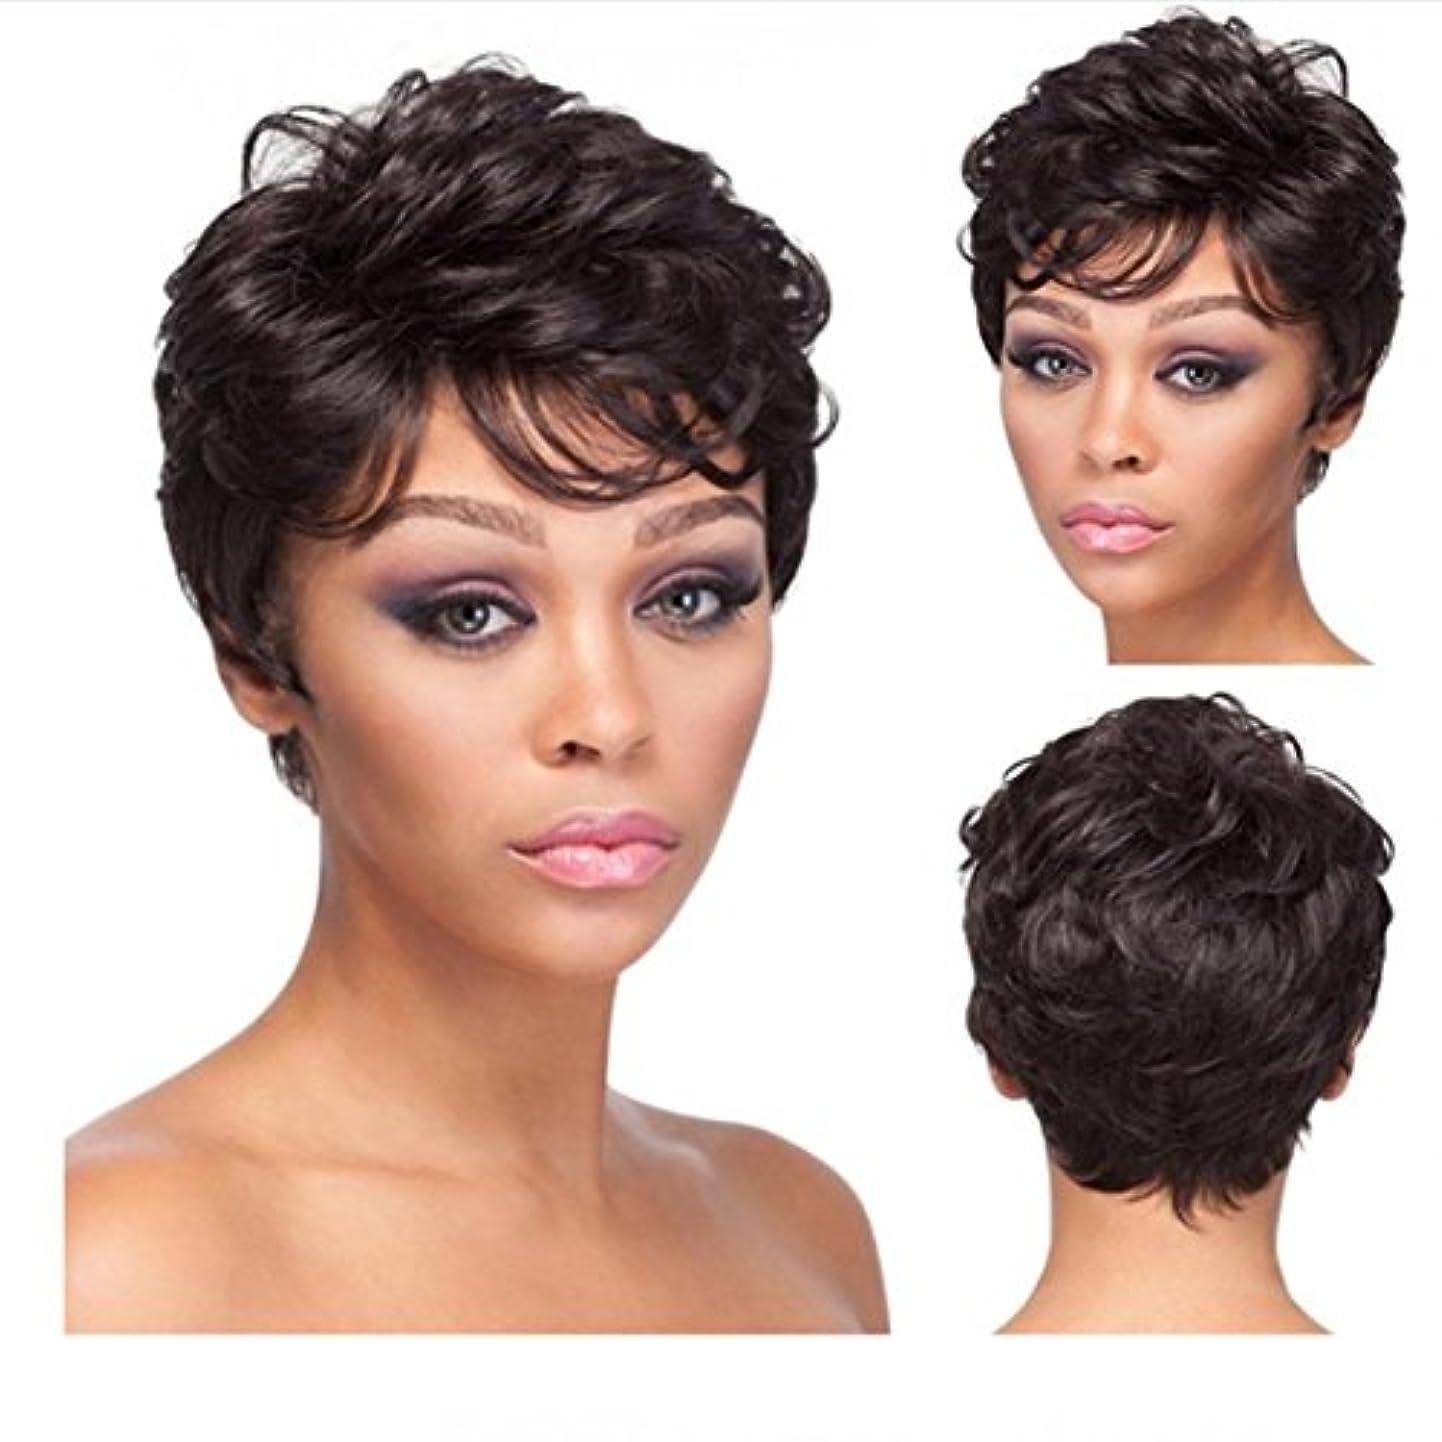 早くプレゼンオーバーコートYOUQIU デイリーウィッグ20センチメートル/ 160グラム(黒褐色)かつらのために斜めBagns髪の耐熱ウィッグで女子ショートふわふわマイクロボリュームかつらのために現実的なウィッグ (色 : Brownish black)